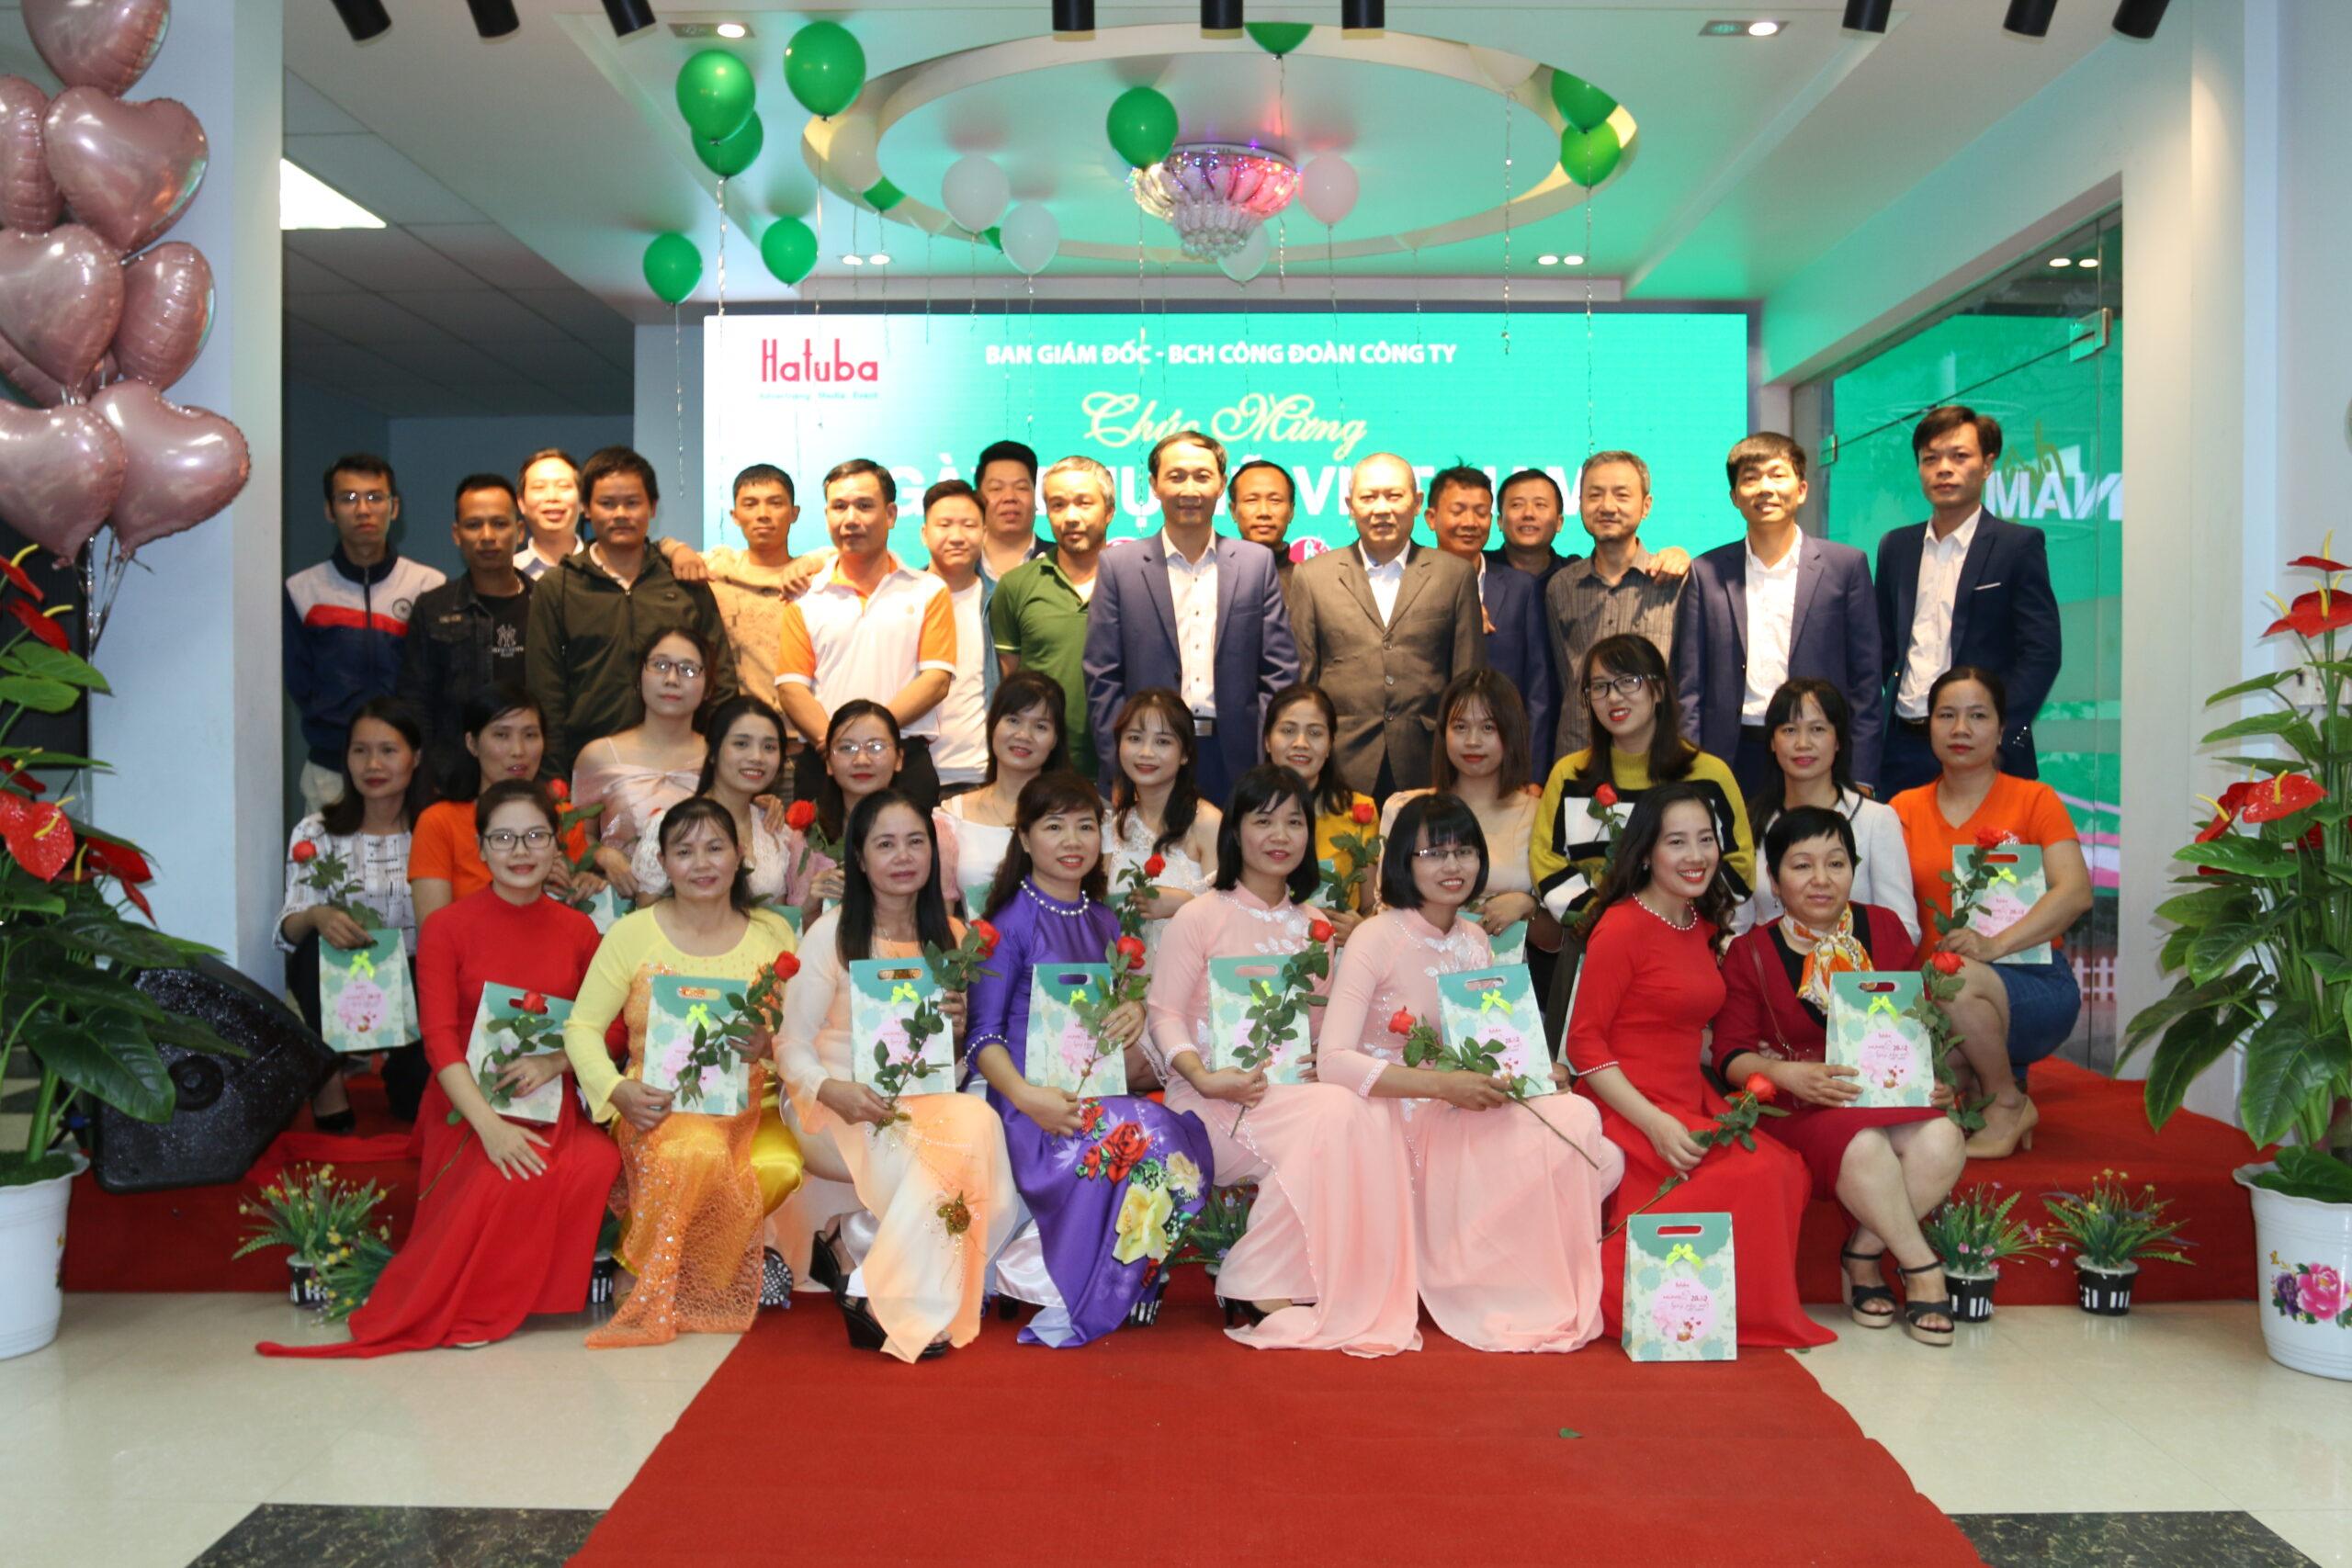 Công ty TNHH Hatuba tổ chức buổi tọa đàm chào mừng ngày 20-10